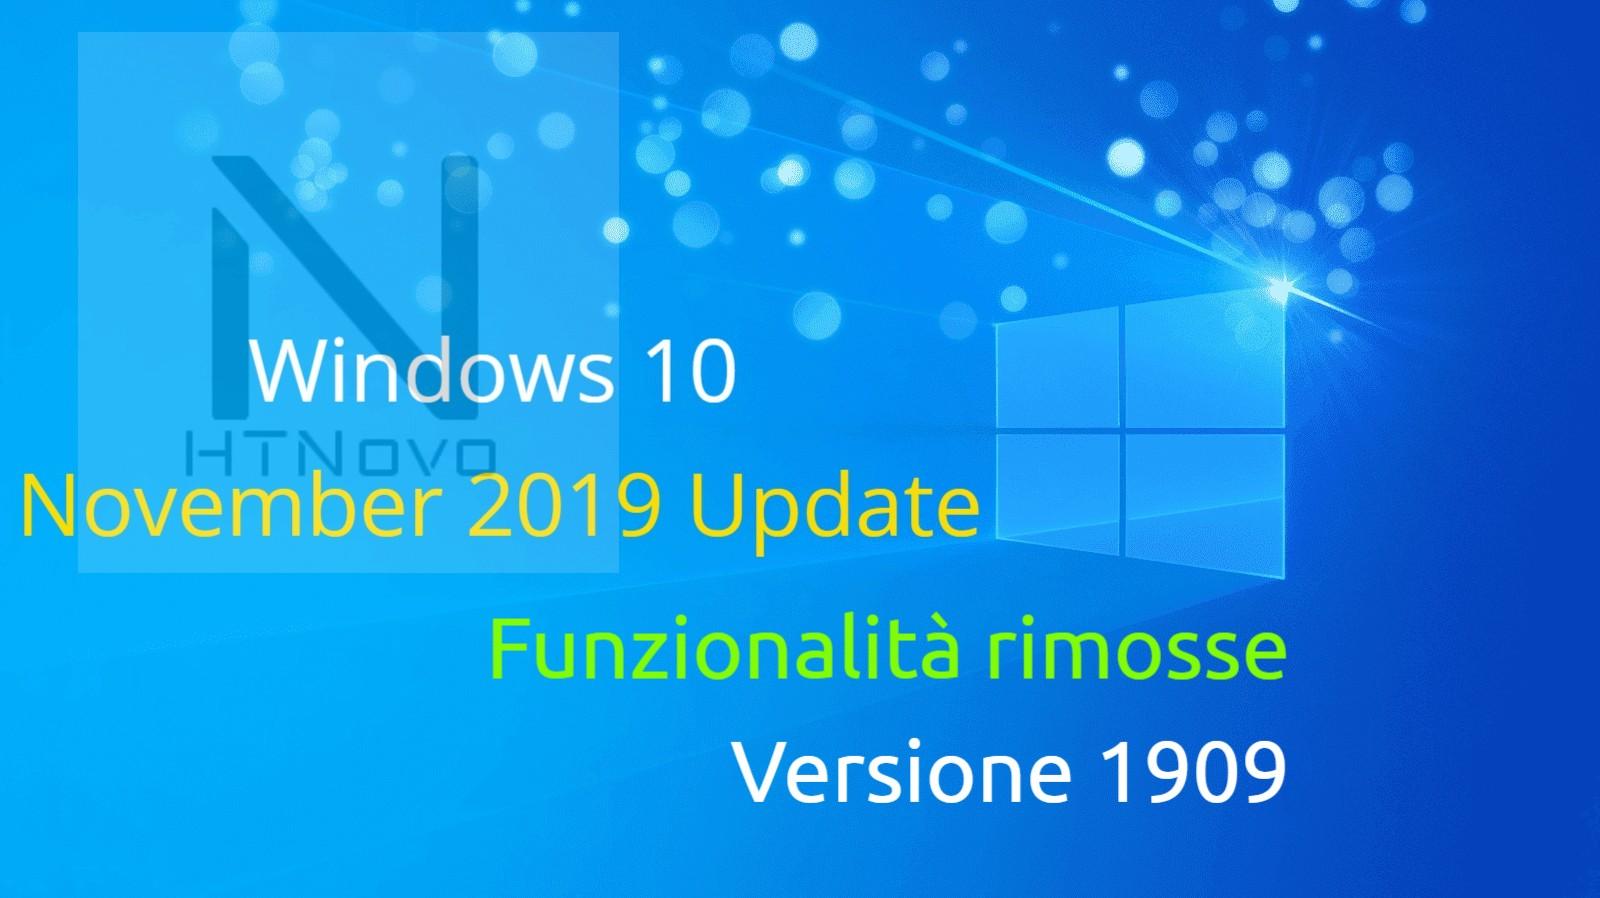 Funzionalità rimosse in Windows 10 Versione 1909